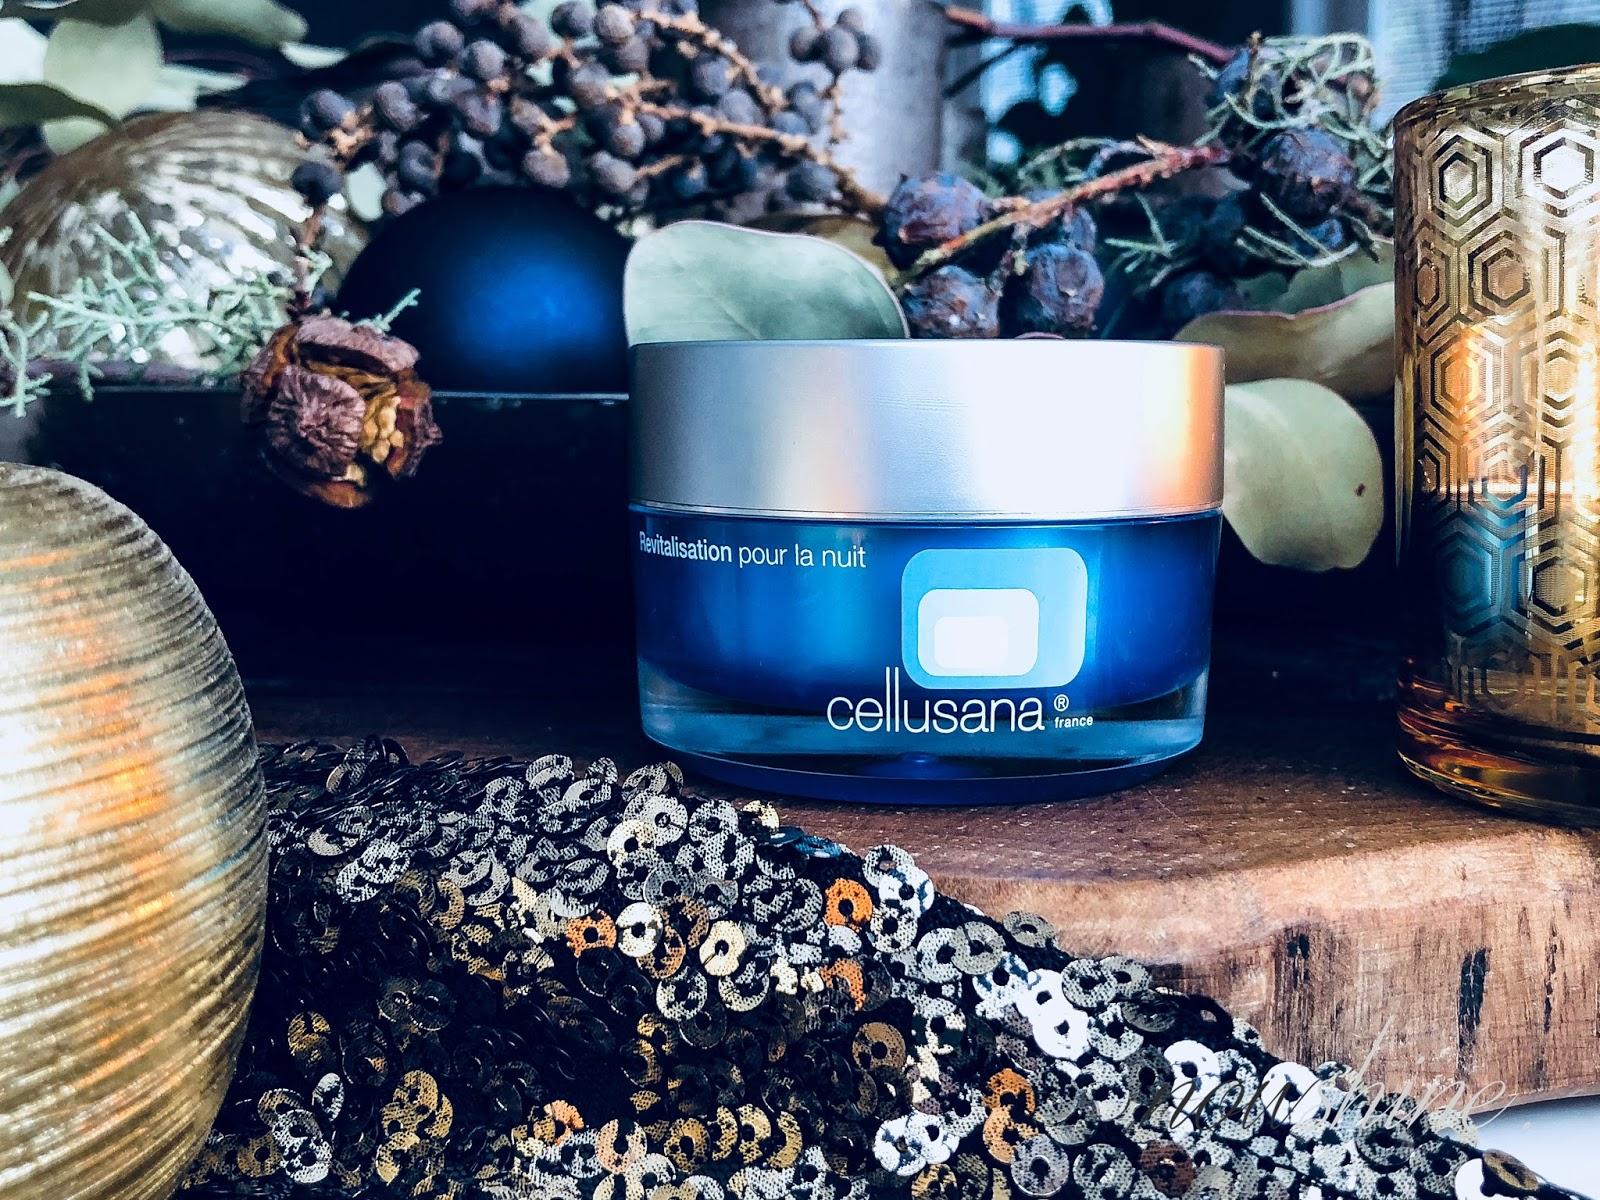 Cellusana Treatment Special Ampullen - Glatte Gesichtshaut - Blogger Ü30, Blogger Ü40, Gesichtspflege , Faltenreduktion, weniger Falten, glatte Haut